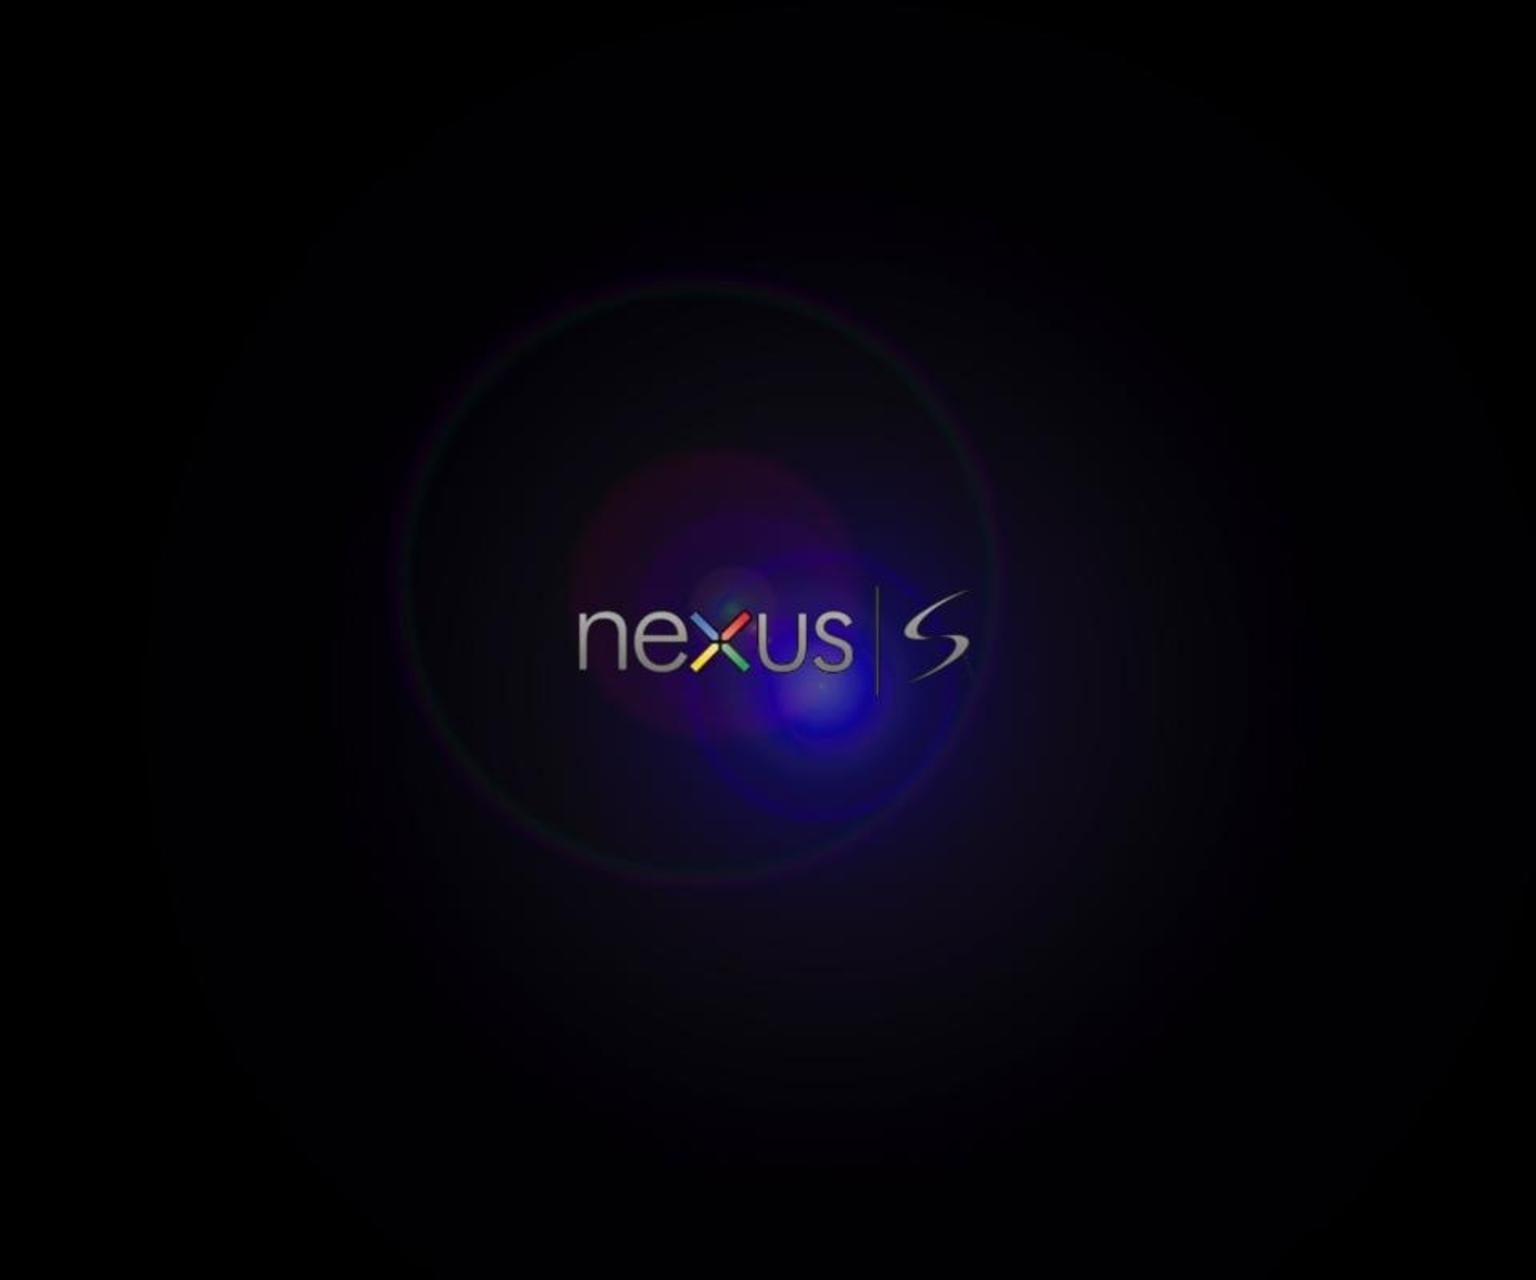 Nexus Wallpapers HD 1536x1280